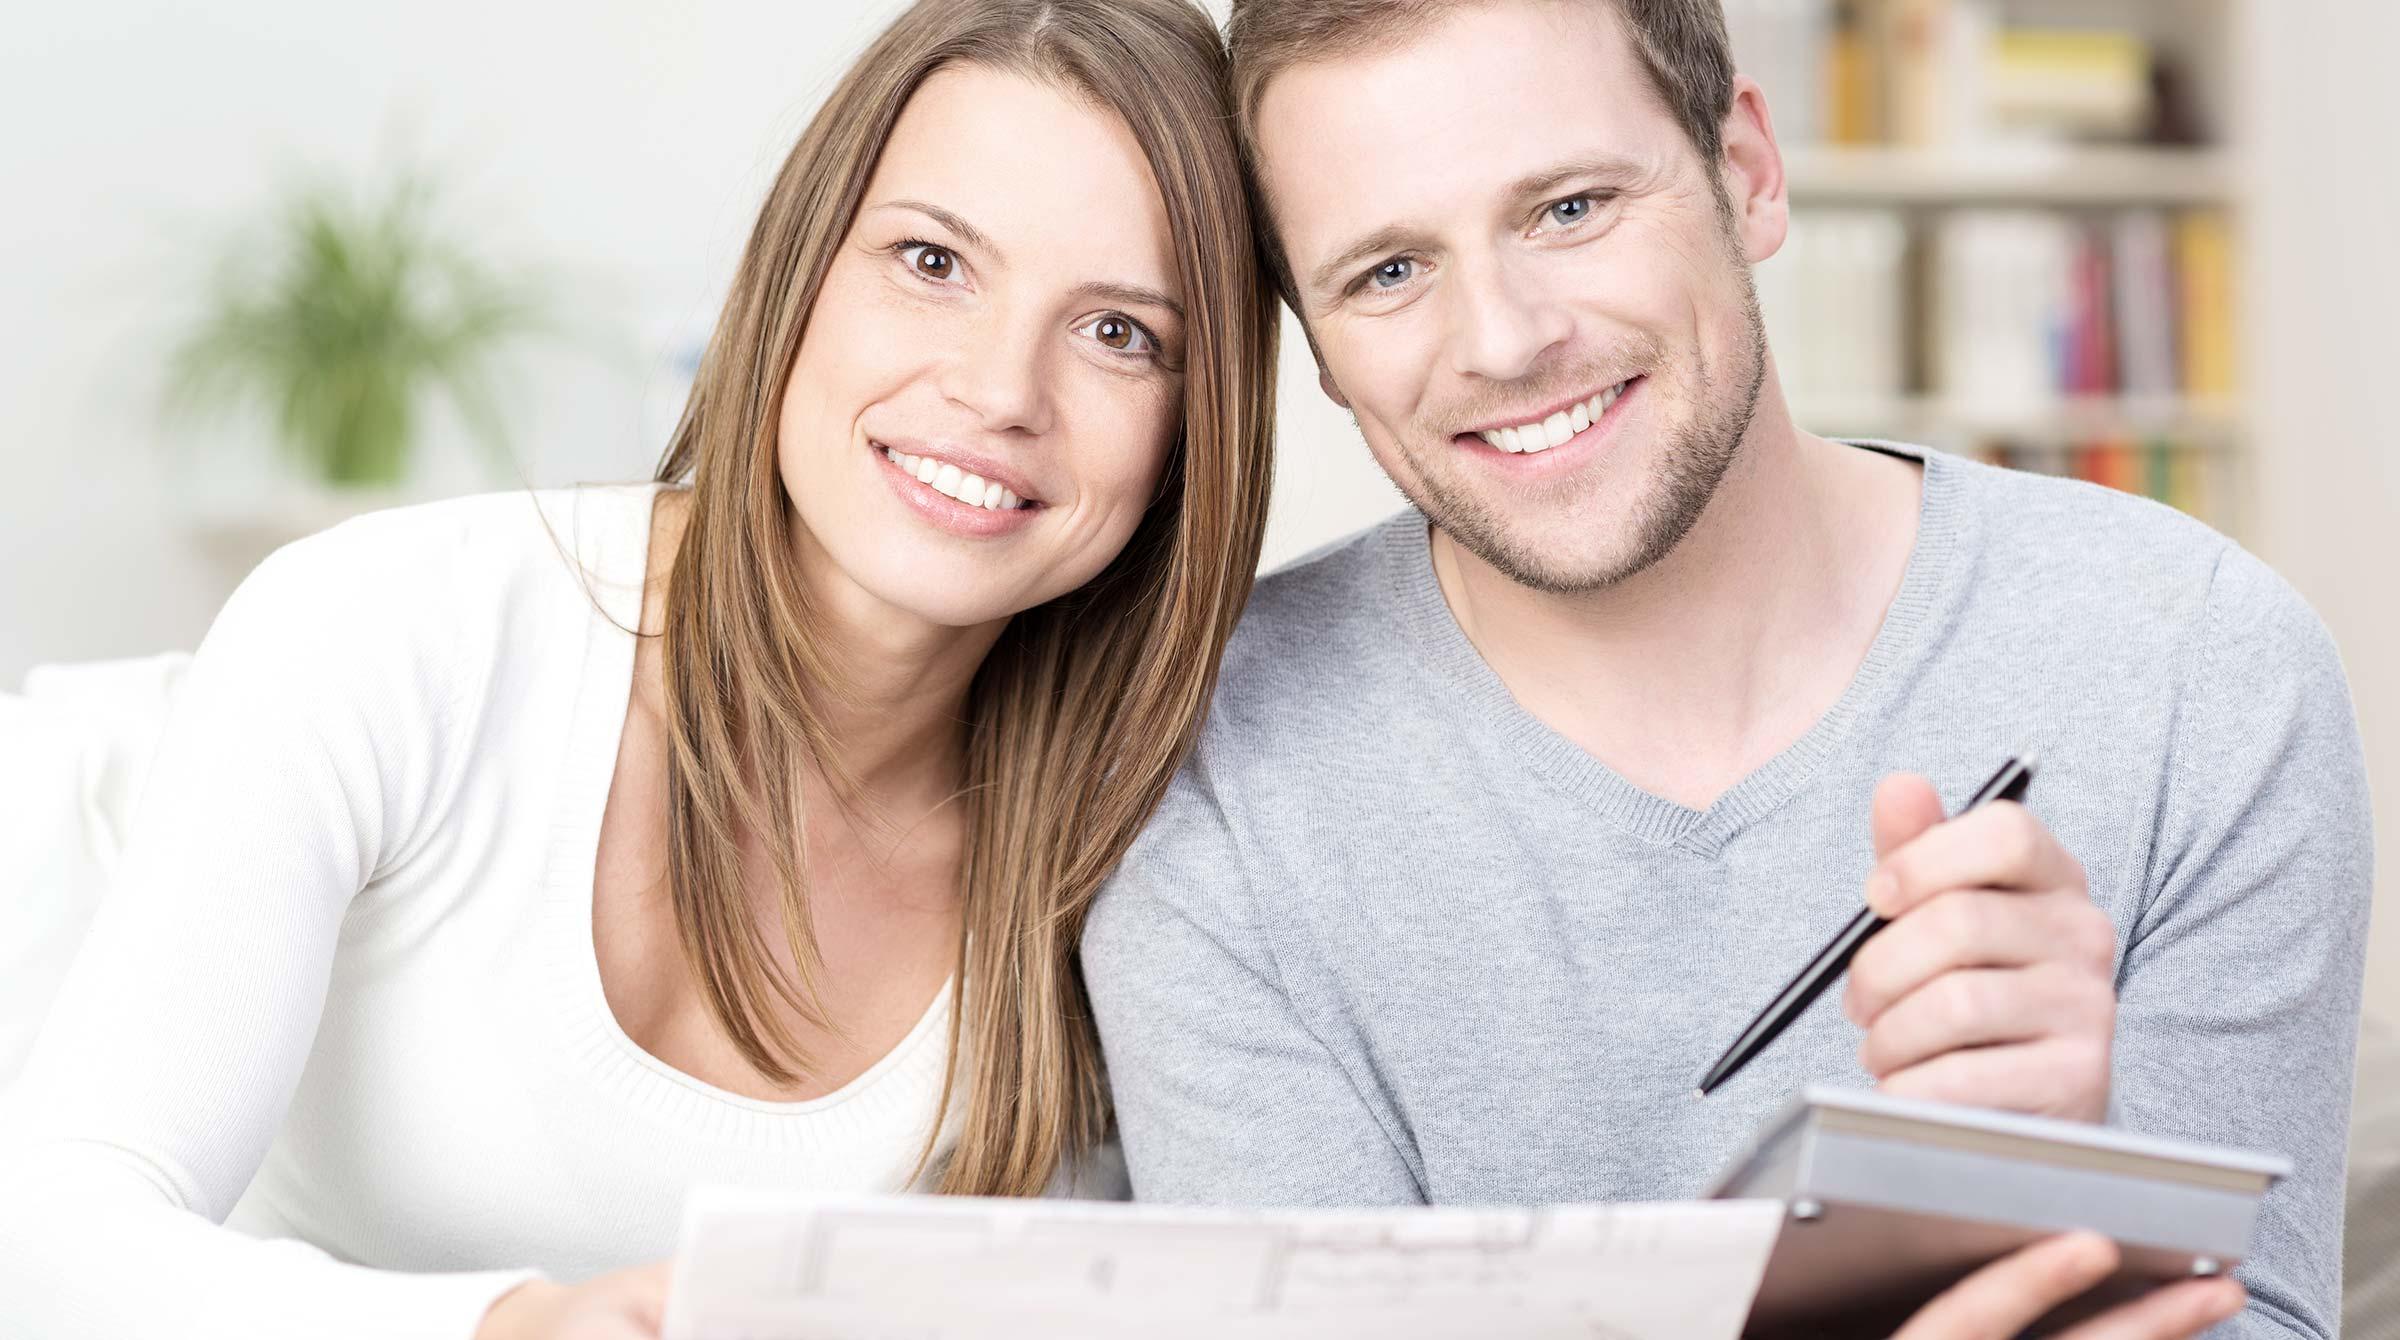 Introbild Eigentumswohnung Kosten